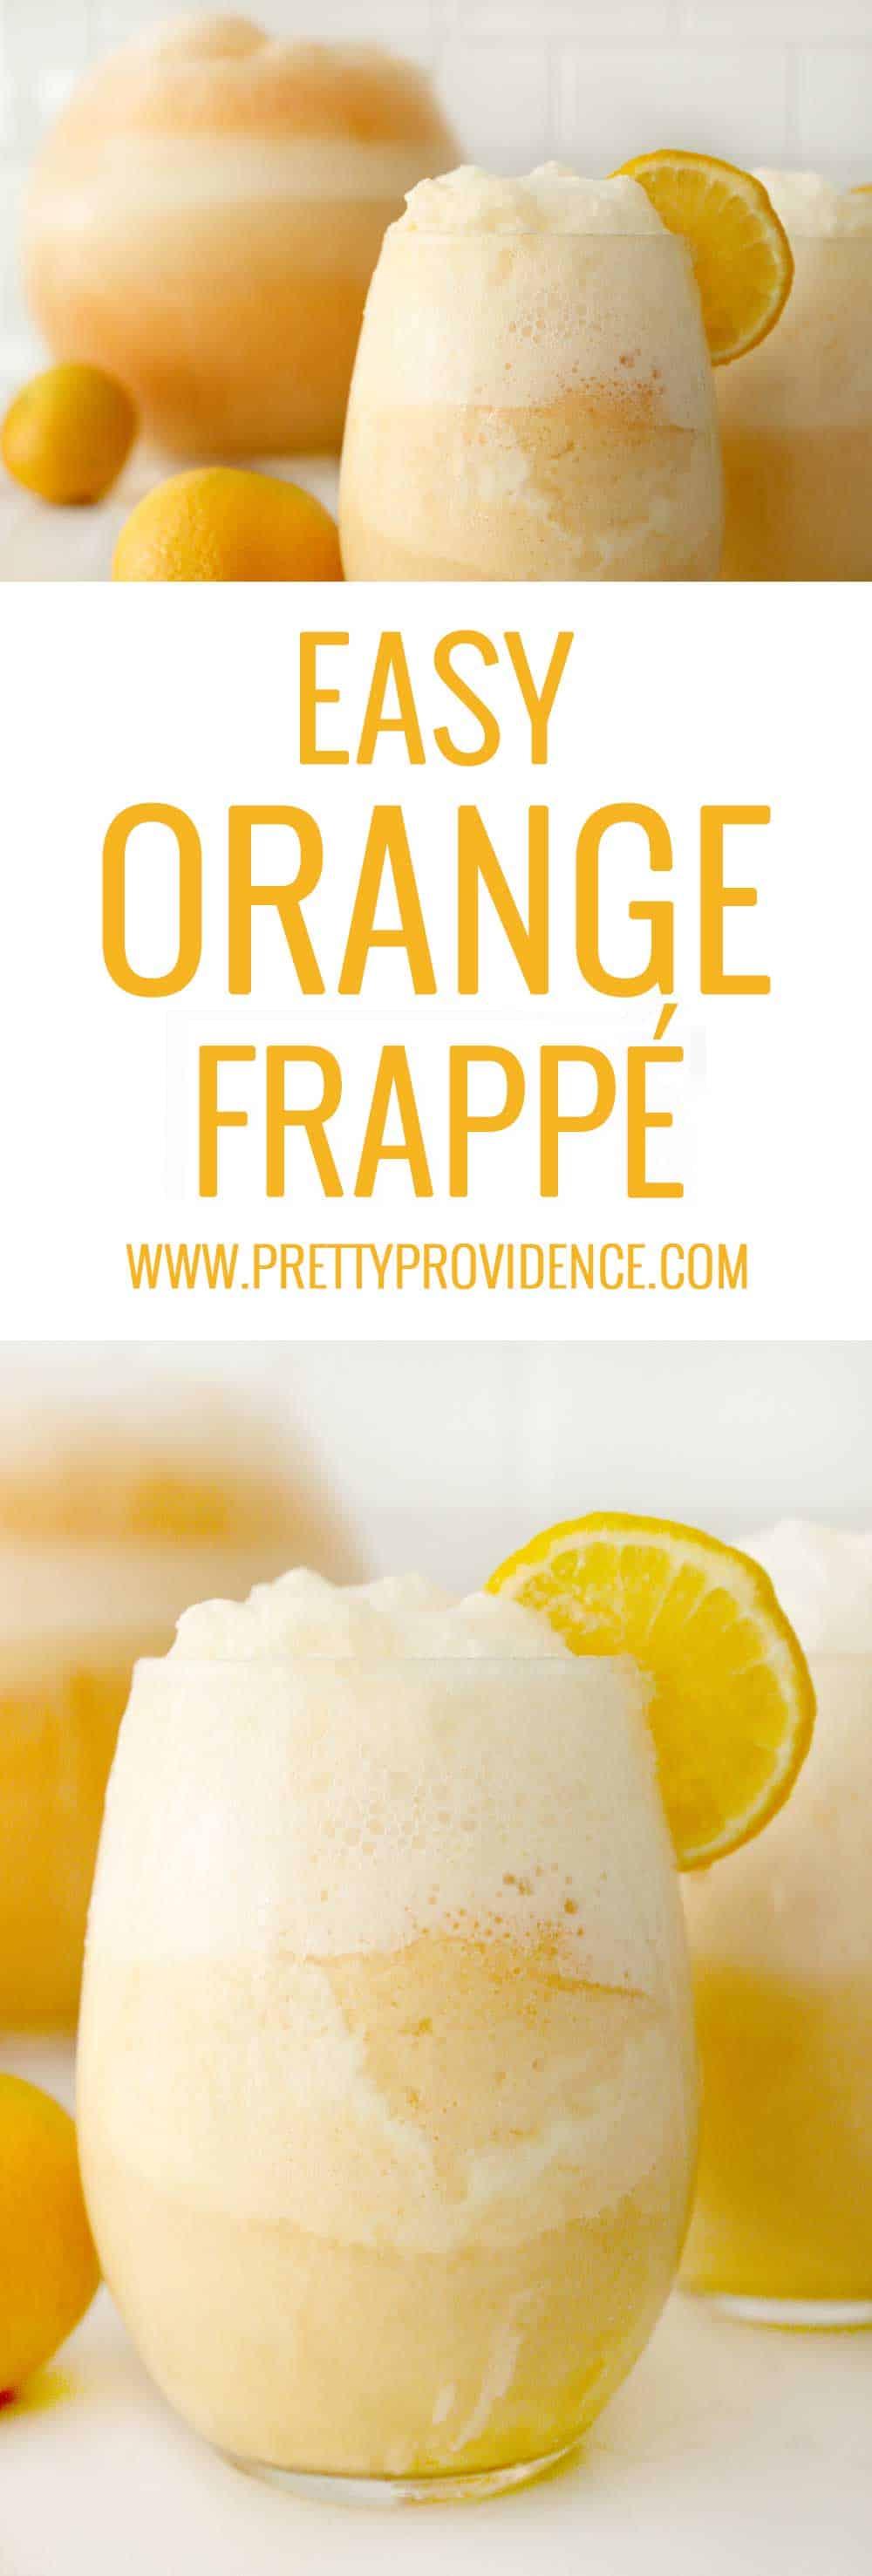 easy-orange-frappe-pinterest-NEW